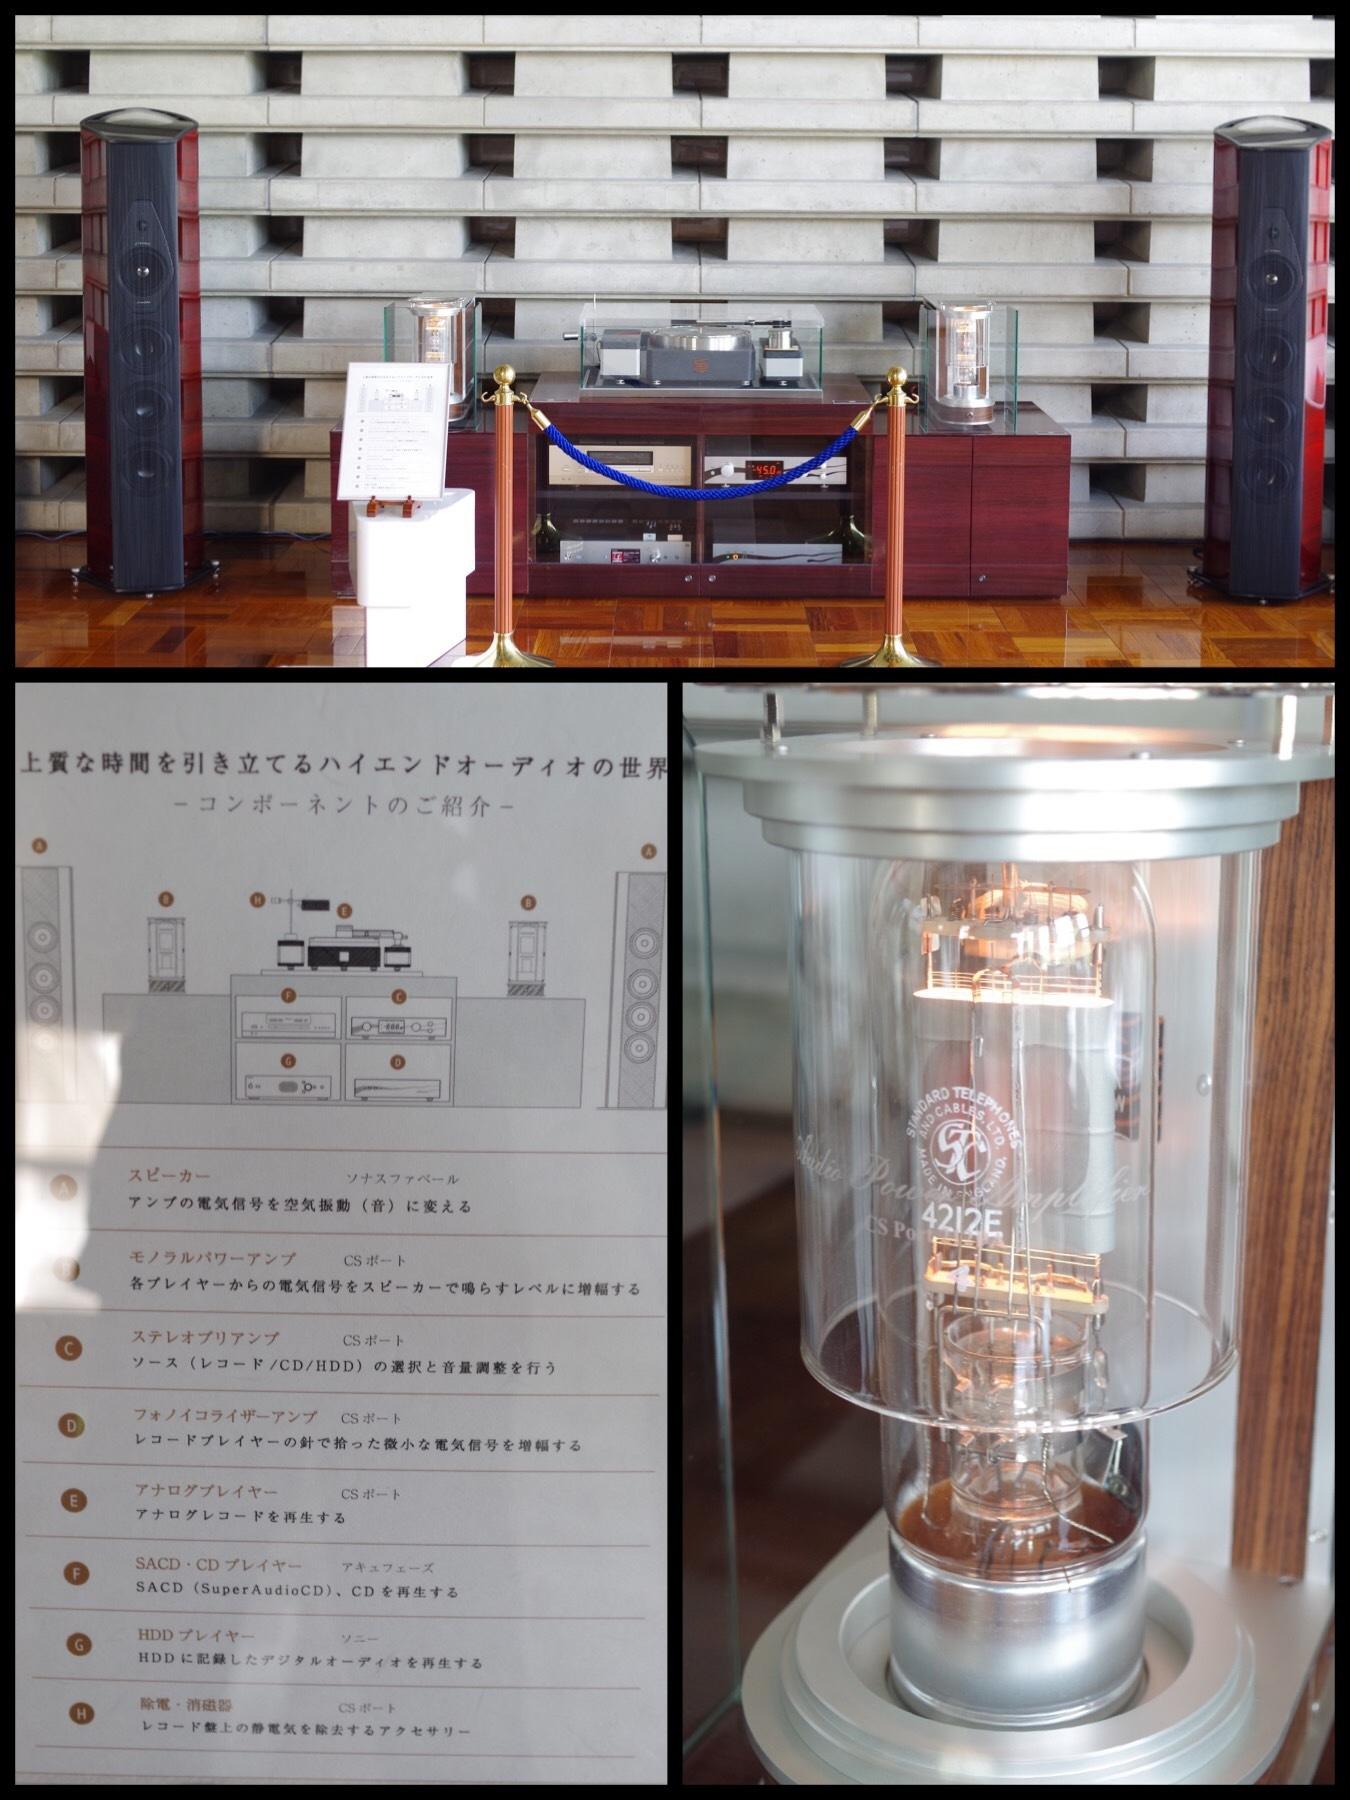 富山 リバーリトリート雅楽倶 メインロビー ステレオ